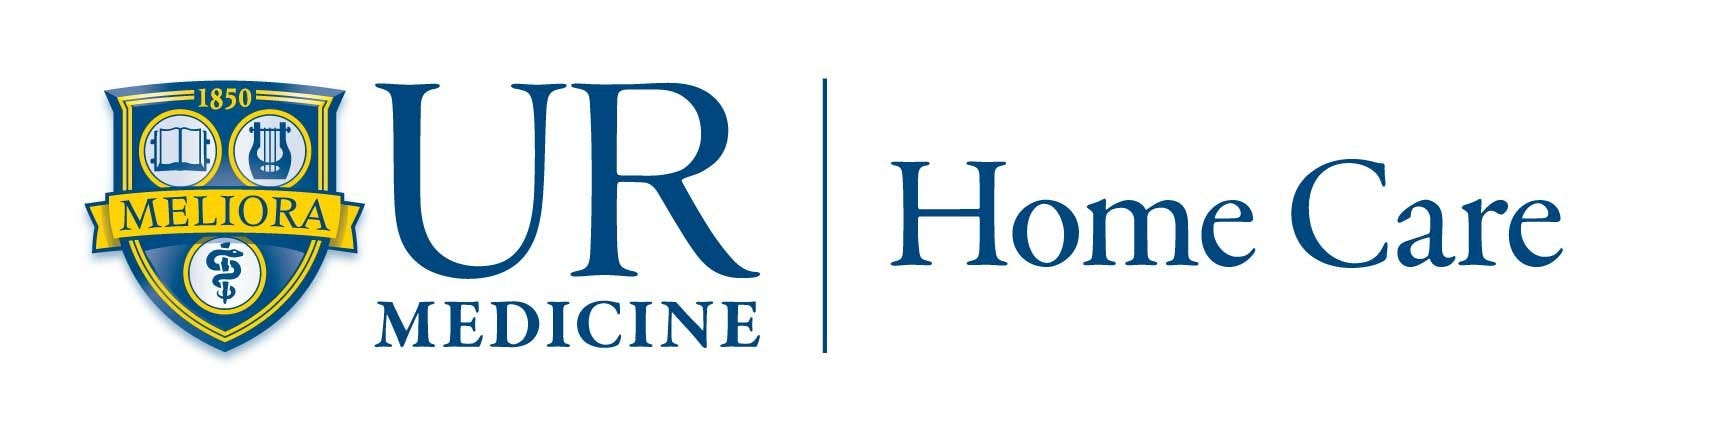 UR Medicine Home Care Logo